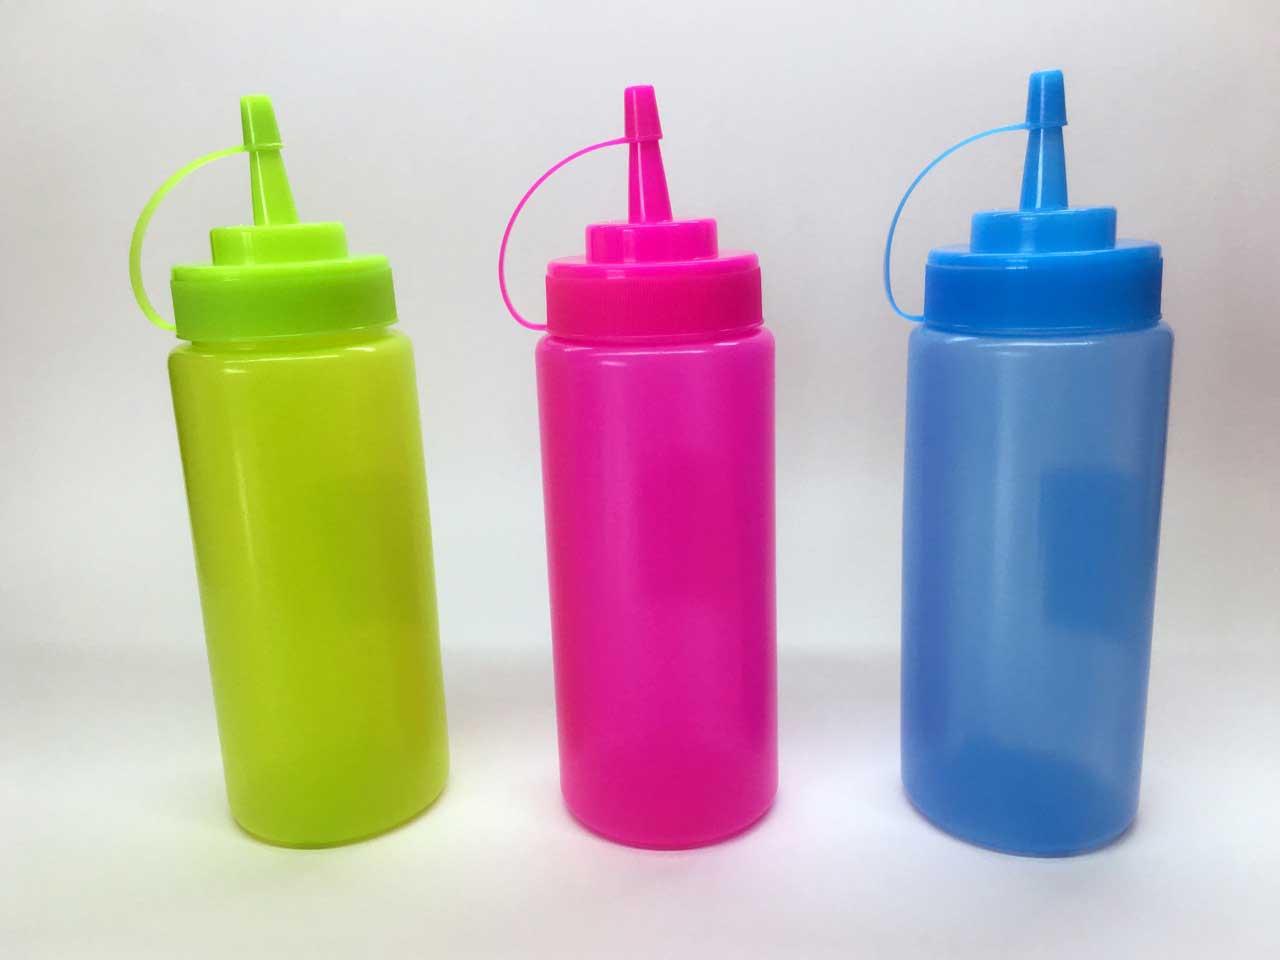 Envases-de-plástico-pack-de-3---3---ecowash